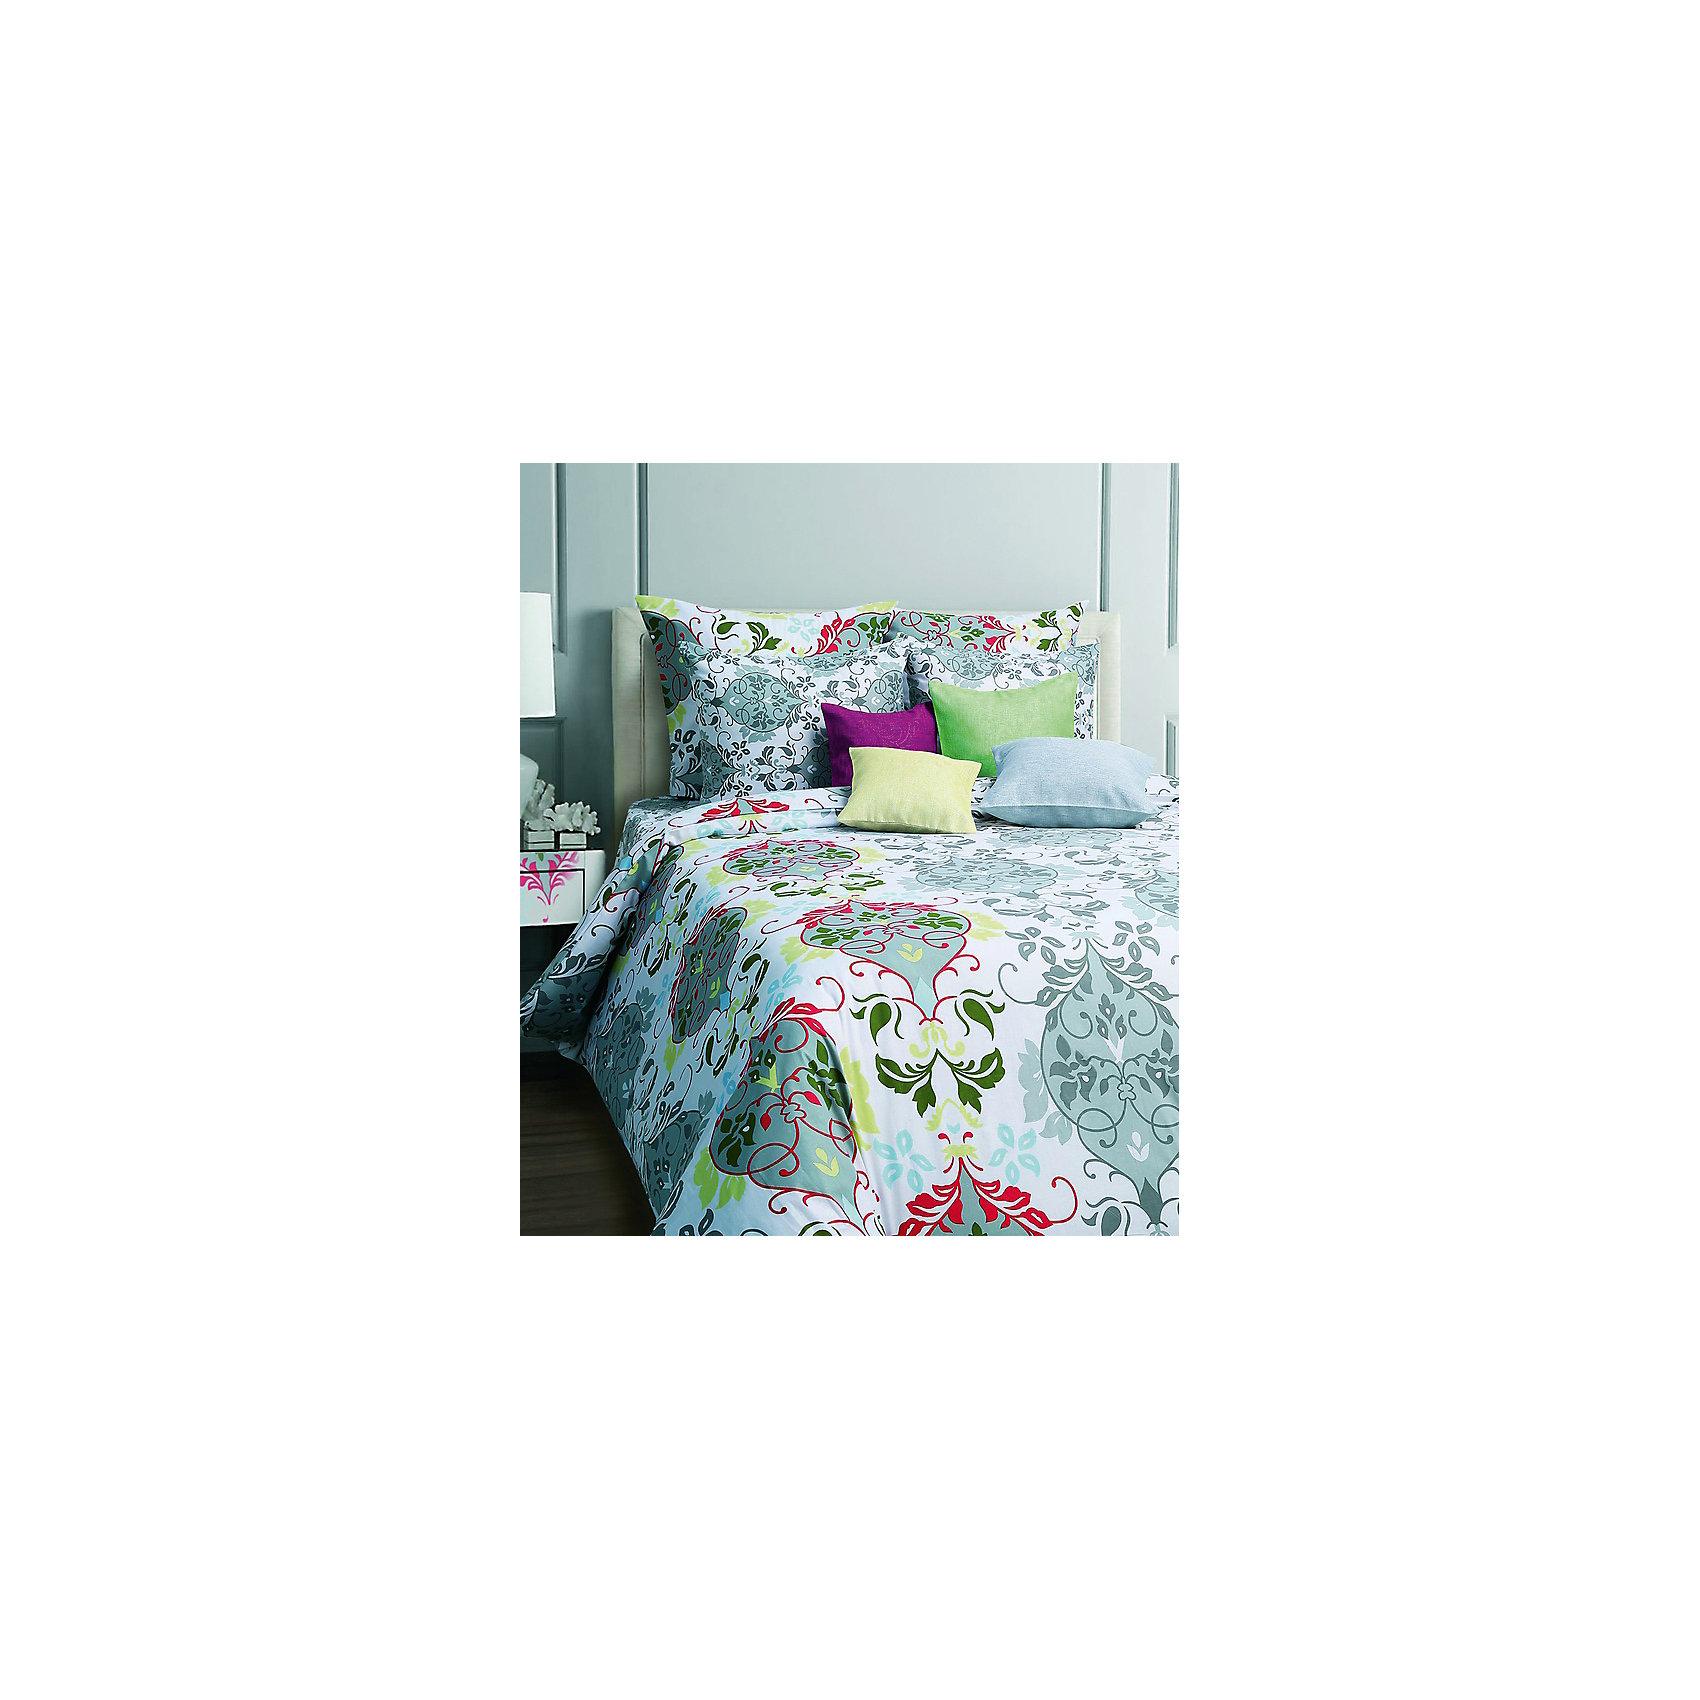 Постельное белье Ajour, 2-спальный, 70*70, Mona LizaДомашний текстиль<br>Характеристики:<br><br>• Вид домашнего текстиля: постельное белье<br>• Тип постельного белья по размерам: 2сп<br>• Серия: Mona Liza Classic<br>• Сезон: круглый год<br>• Материал: бязь <br>• Цвет: белый, серый, желтый, зеленый, красный, голубой<br>• Комплектация: <br> пододеяльник на пуговицах– 1 шт. 175*210 см <br> простынь – 1 шт. 215*240 см<br> наволочки – 2 шт. (70*70 см)<br>• Тип упаковки: книжка <br>• Вес в упаковке: 1 кг 970 г<br>• Особенности ухода: машинная стирка при температуре 30 градусов<br><br>Постельное белье 2сп Ajour 70*70, Mona Liza изготовлено под отечественным торговым брендом, выпускающим постельное белье из натуральных тканей. Комплект выполнен из 100 % бязи, отличающейся высокими характеристиками не только прочности самого полотна, но и устойчивости окраски, которая выполняется по особой технологии. Комплектсостоит из 4-х предметов. Постельное белье выполнено в стильном дизайне с ажурным узором.<br>Постельное белье 2сп Ajour 70*70, Mona Liza – домашний текстиль, соответствующий международным стандартам качества и безопасности!<br><br>Постельное белье 2сп Ajour 70*70, Mona Liza можно купить в нашем интернет-магазине.<br><br>Ширина мм: 290<br>Глубина мм: 80<br>Высота мм: 370<br>Вес г: 2300<br>Возраст от месяцев: 84<br>Возраст до месяцев: 1188<br>Пол: Женский<br>Возраст: Детский<br>SKU: 5165682